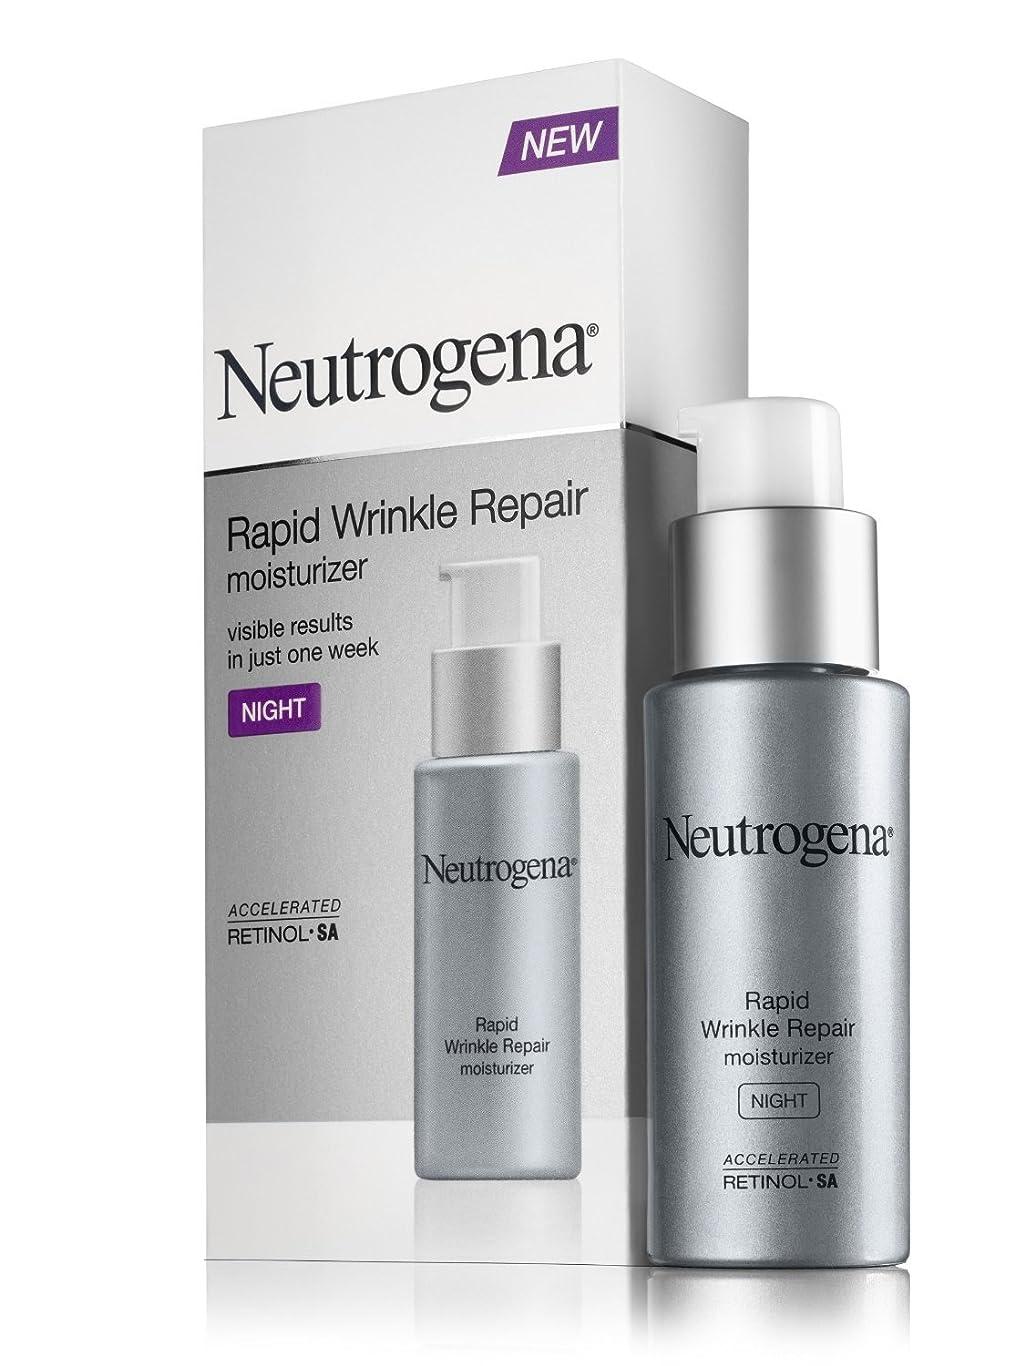 形状狂乱ブレイズ【Neutrogena】 ニュートロジーナ リピッドリンクルリペア Rapid Wrinkle Repair並行輸入品